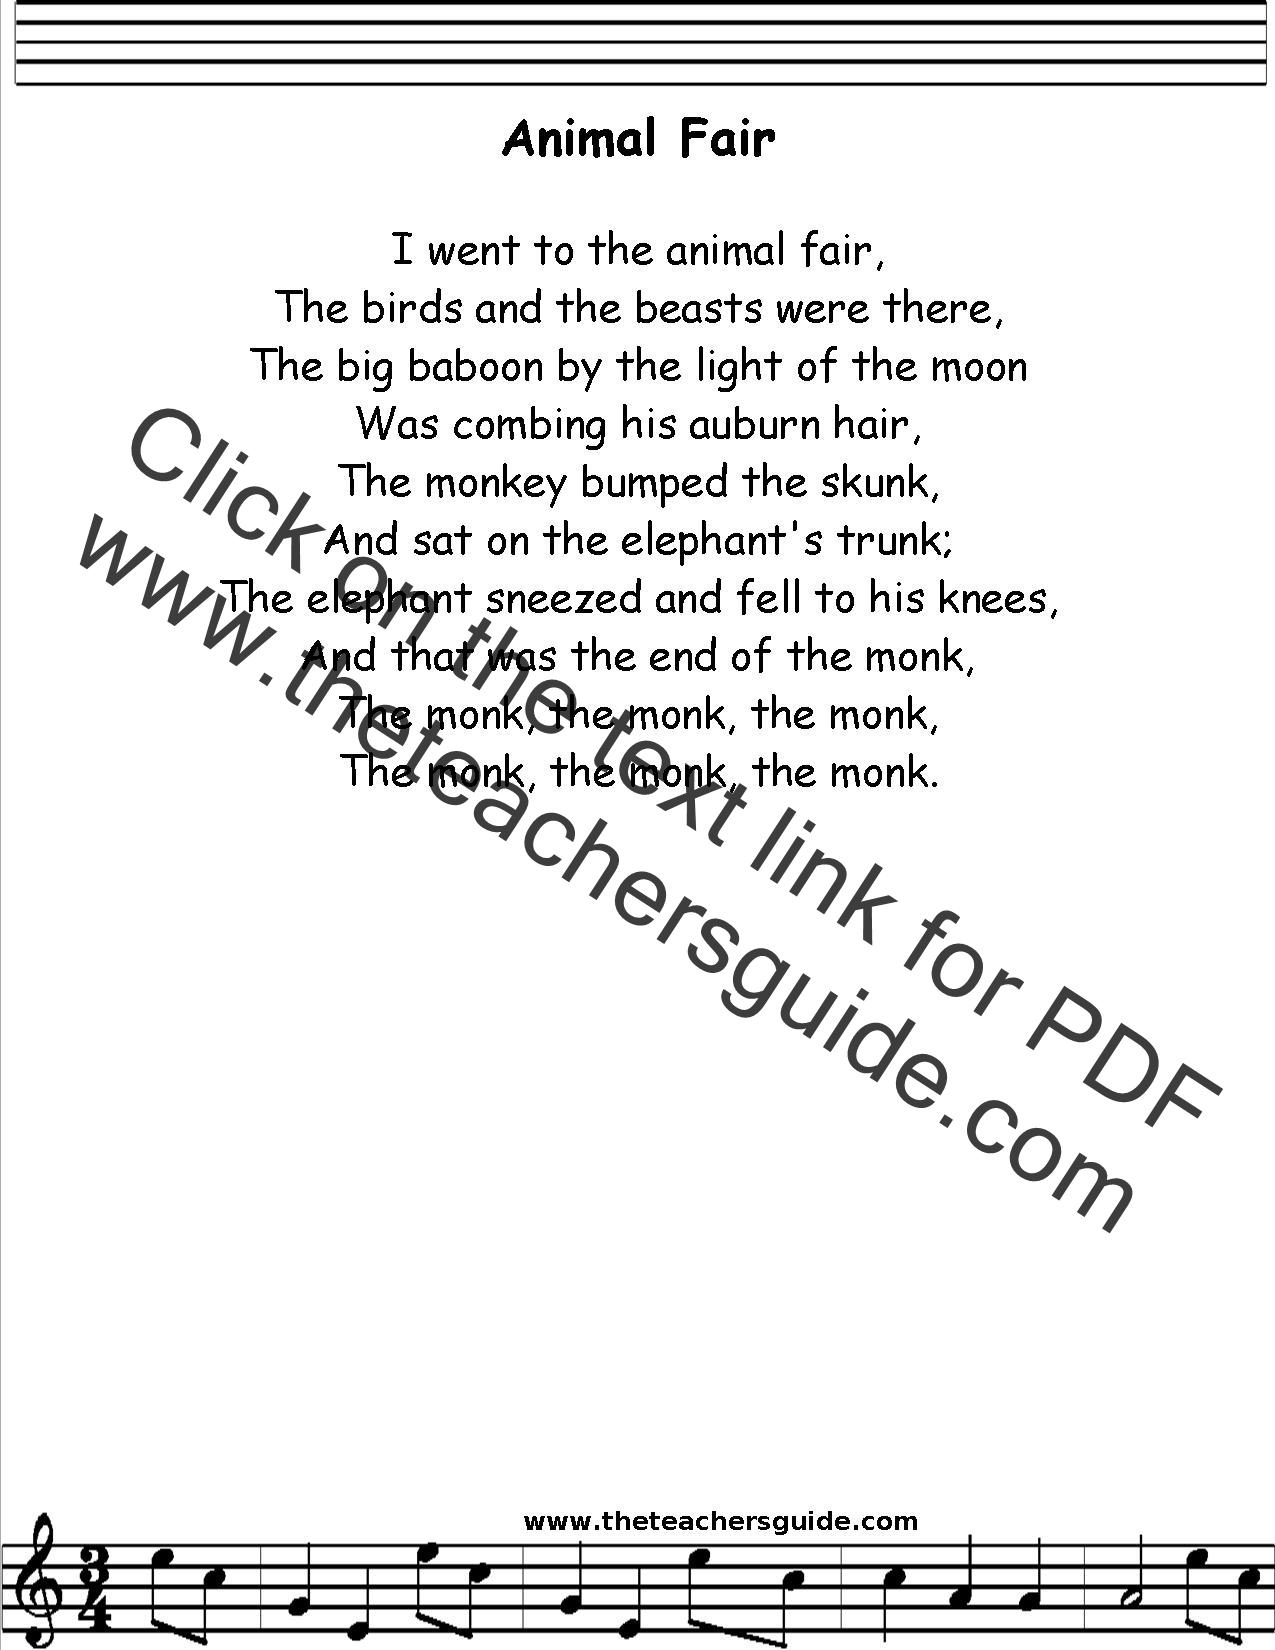 Animal Fair Lyrics Printout Midi And Video